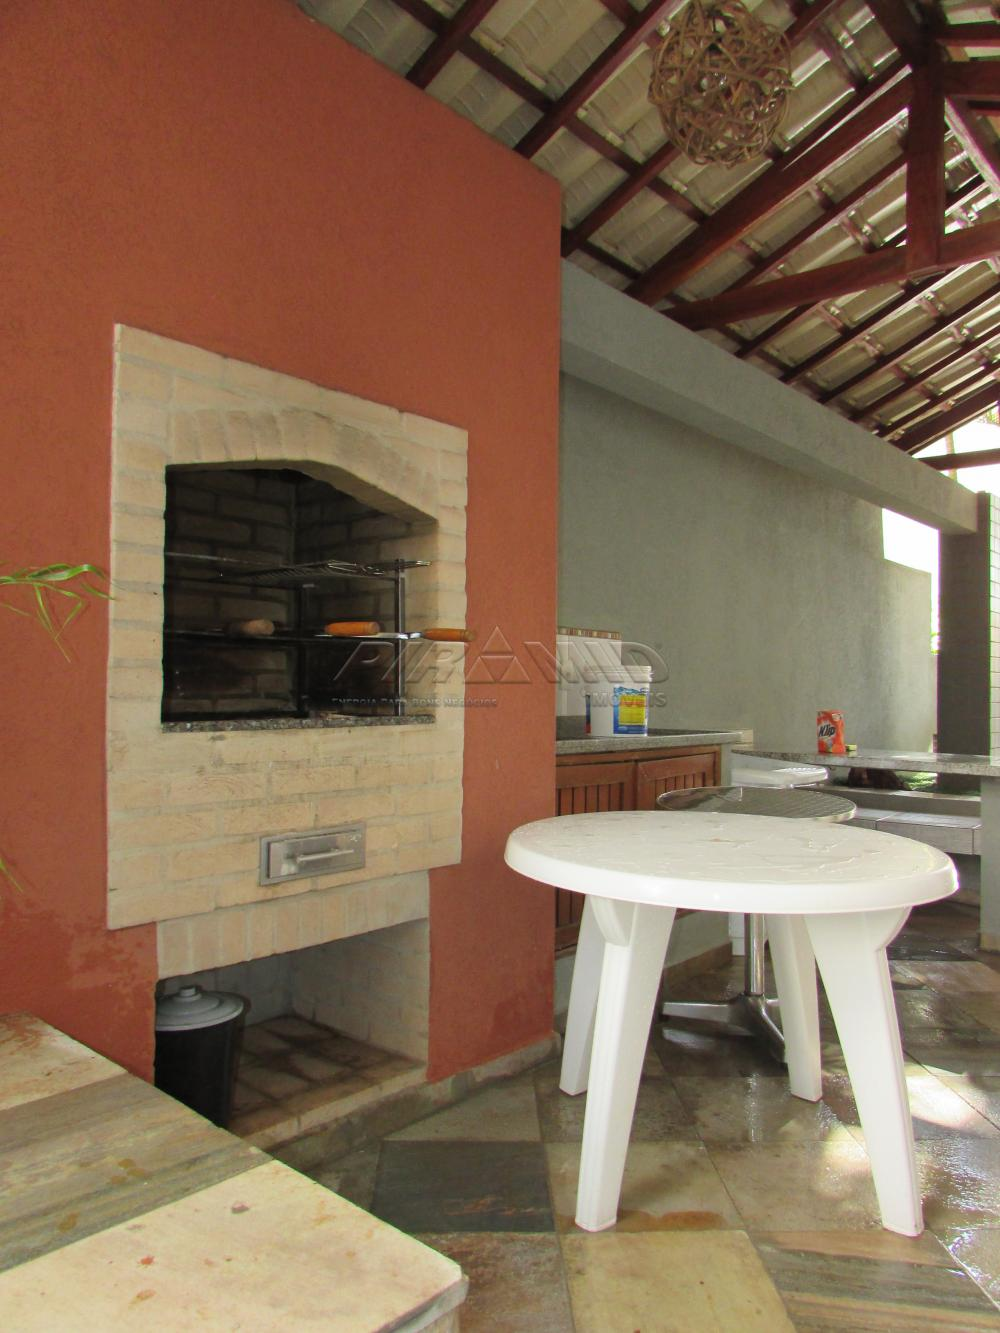 Comprar Apartamento / Padrão em Ribeirão Preto R$ 390.000,00 - Foto 19